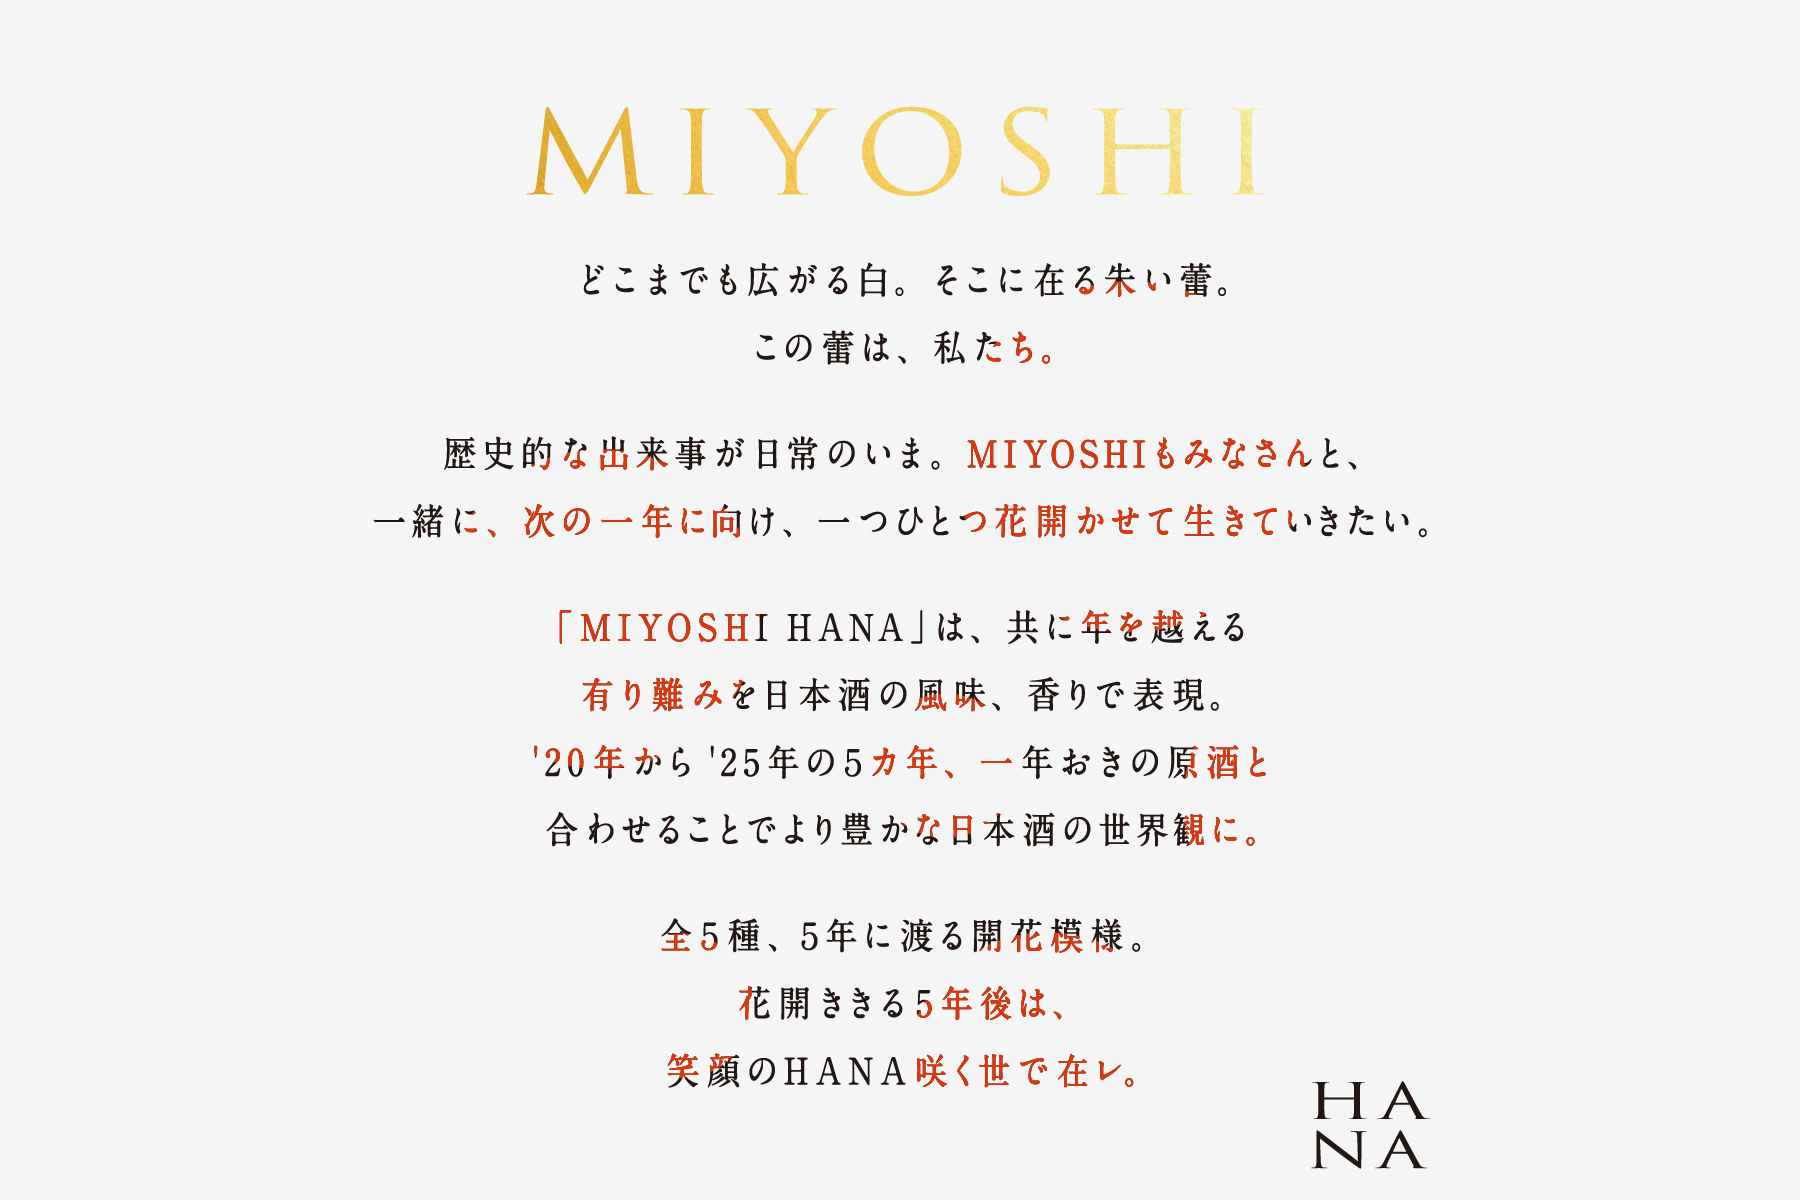 【史上初】阿武の鶴酒造(山口県)の6代目がイヤーボトルを展開。2025年までに新商品「MIYOSHI HANA」シリーズを1年に1種ずつ合咲醸造。